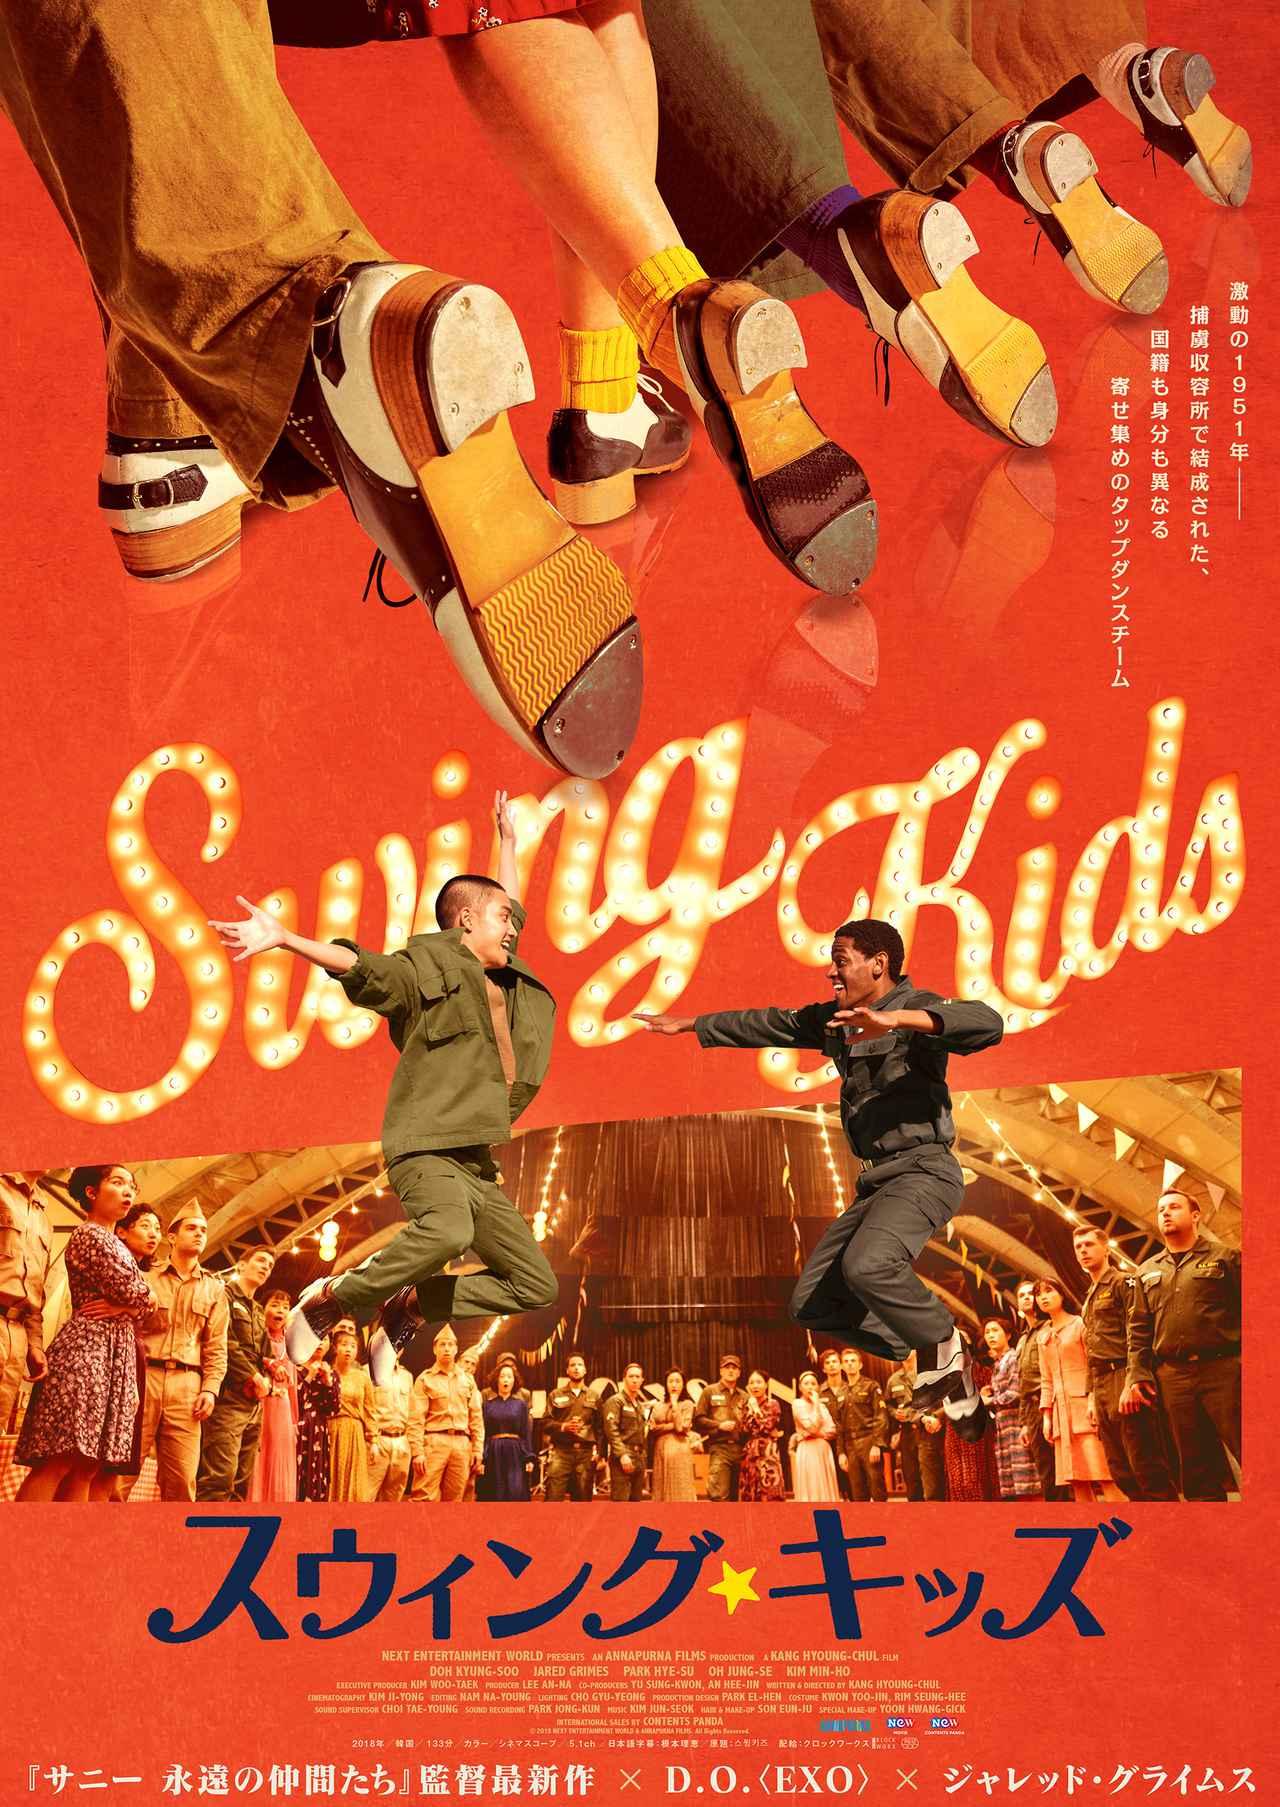 画像1: 戦時下の寄せ集めダンスチームの奮闘を描く